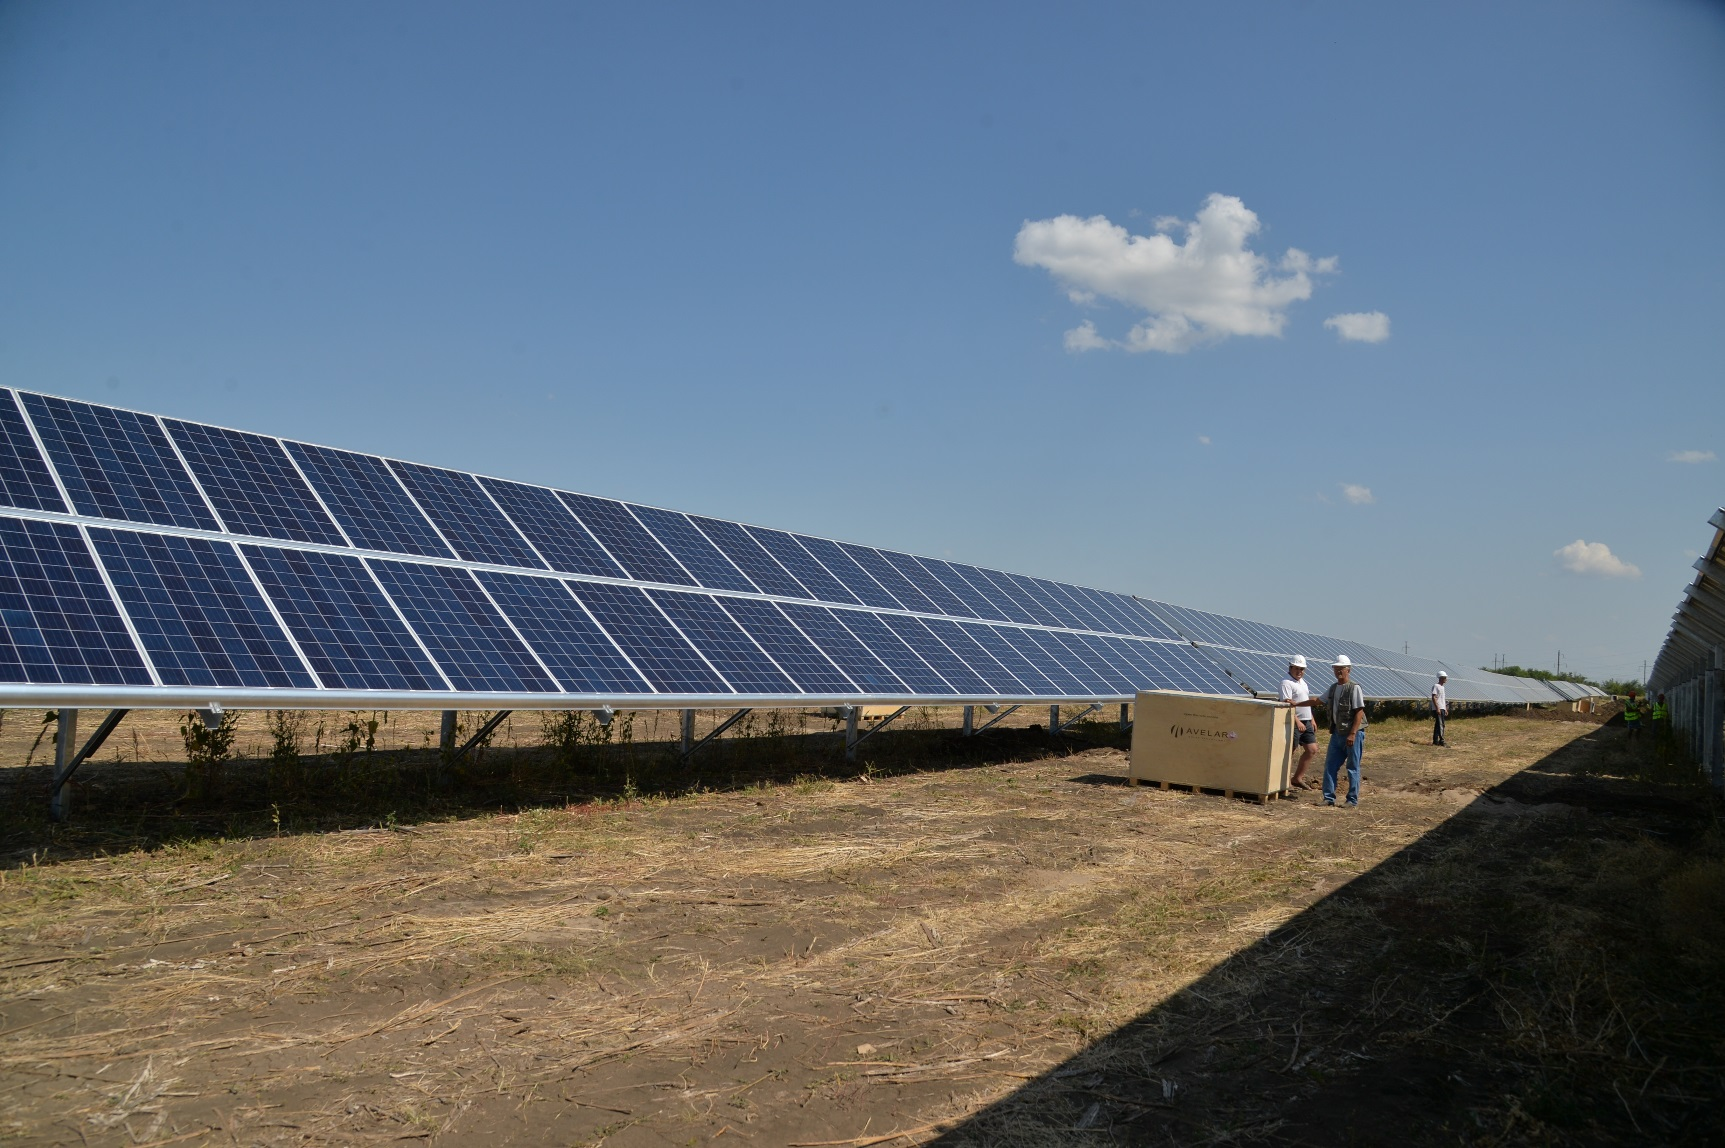 ВСаратовской области запущена первая врегионе солнечная электростанция